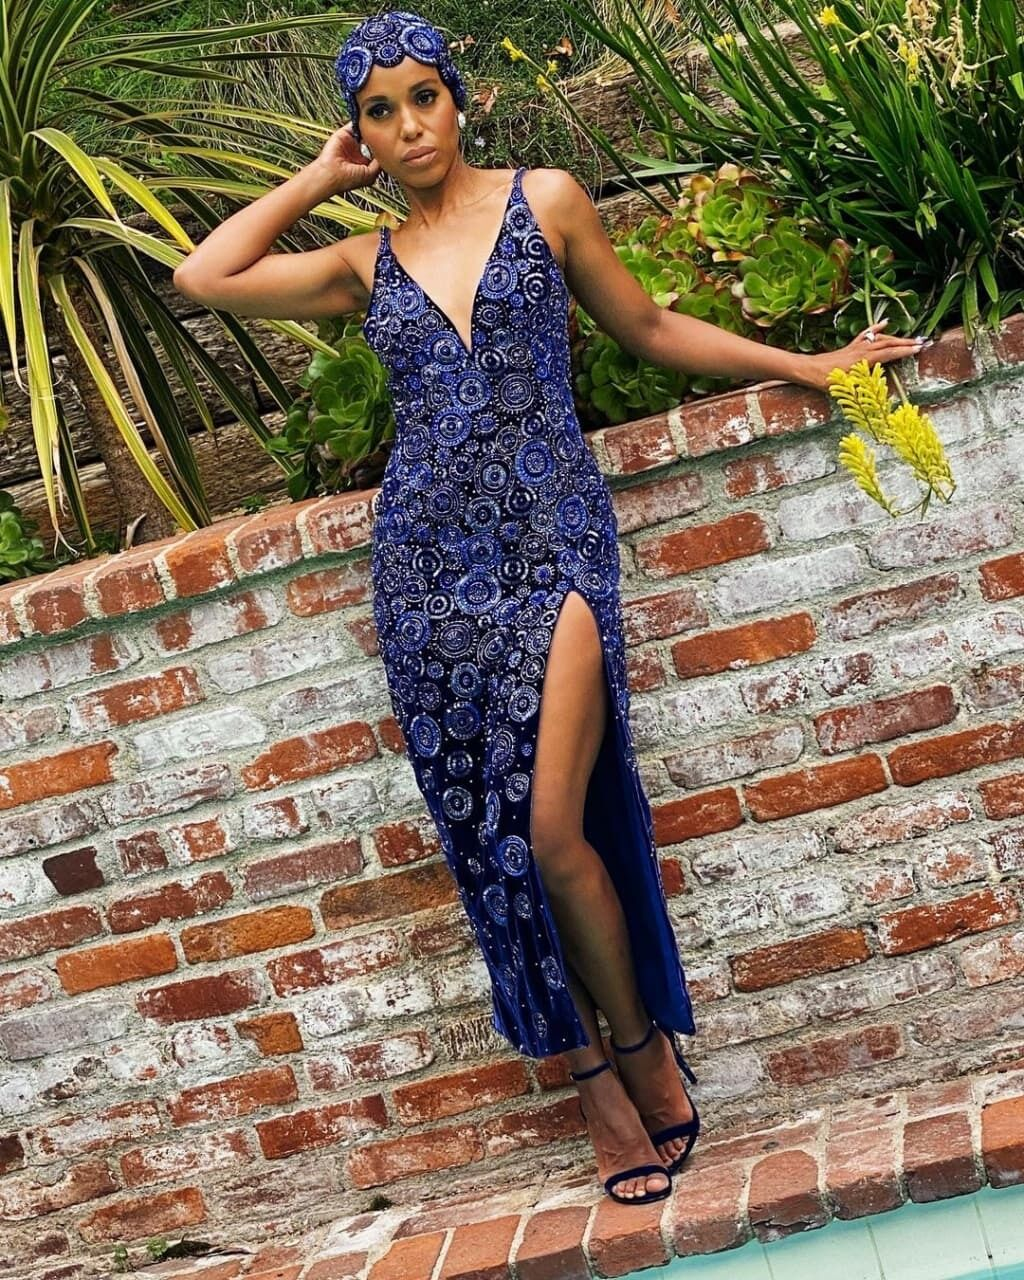 Керри Вашингтон примерила красивое платье